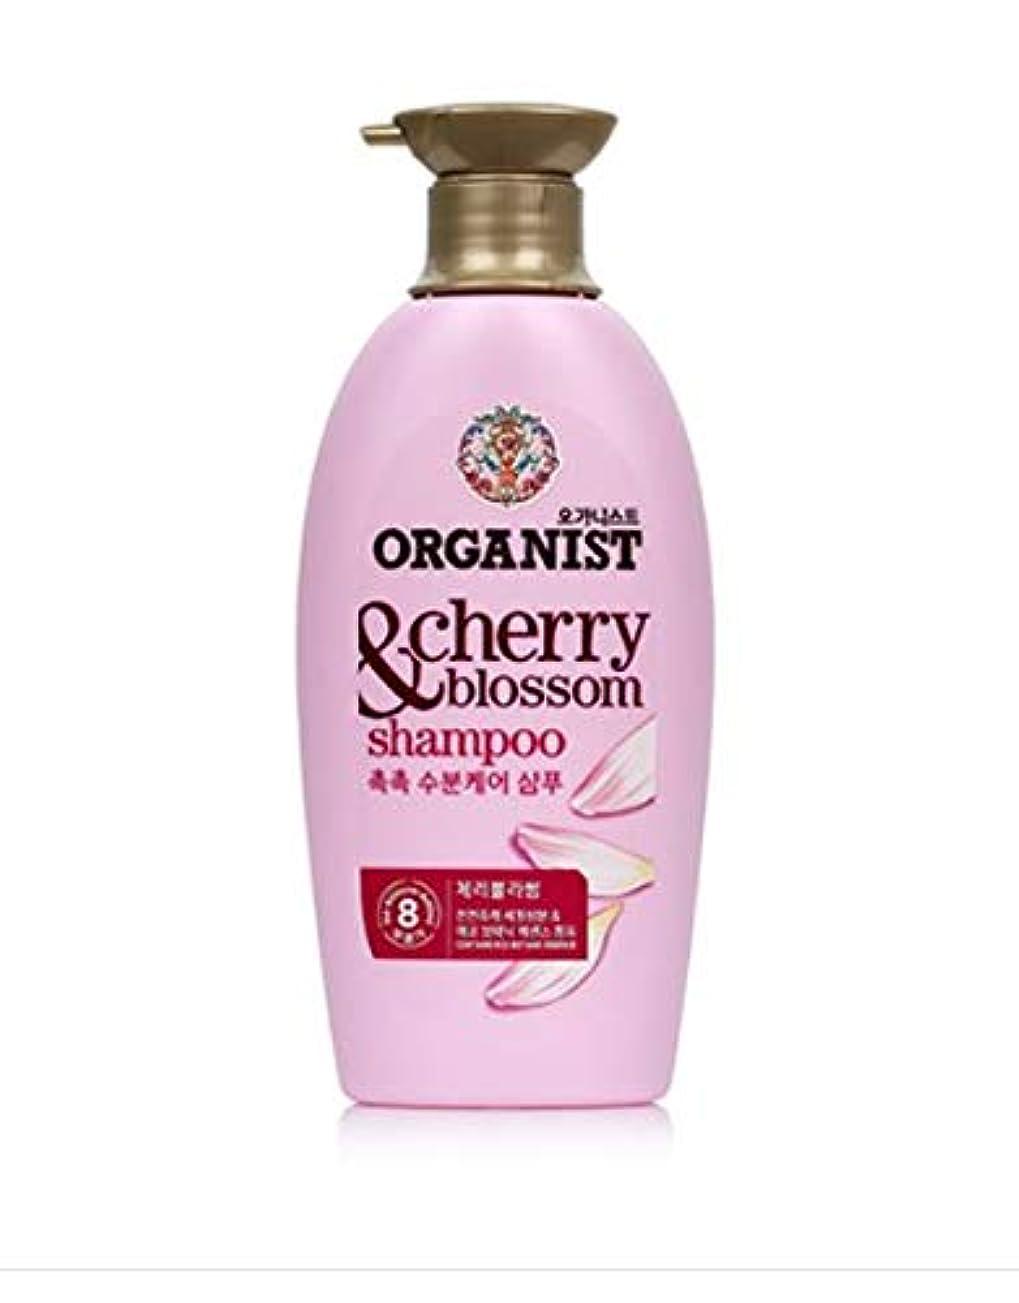 ポンプ拍車嘆願オーガニスト (ORGANIST)チェリーブロッサムシャンプー500ml/ ORGANIST Cherry Blossom Hydrating Shampoo 500ml [並行輸入品]